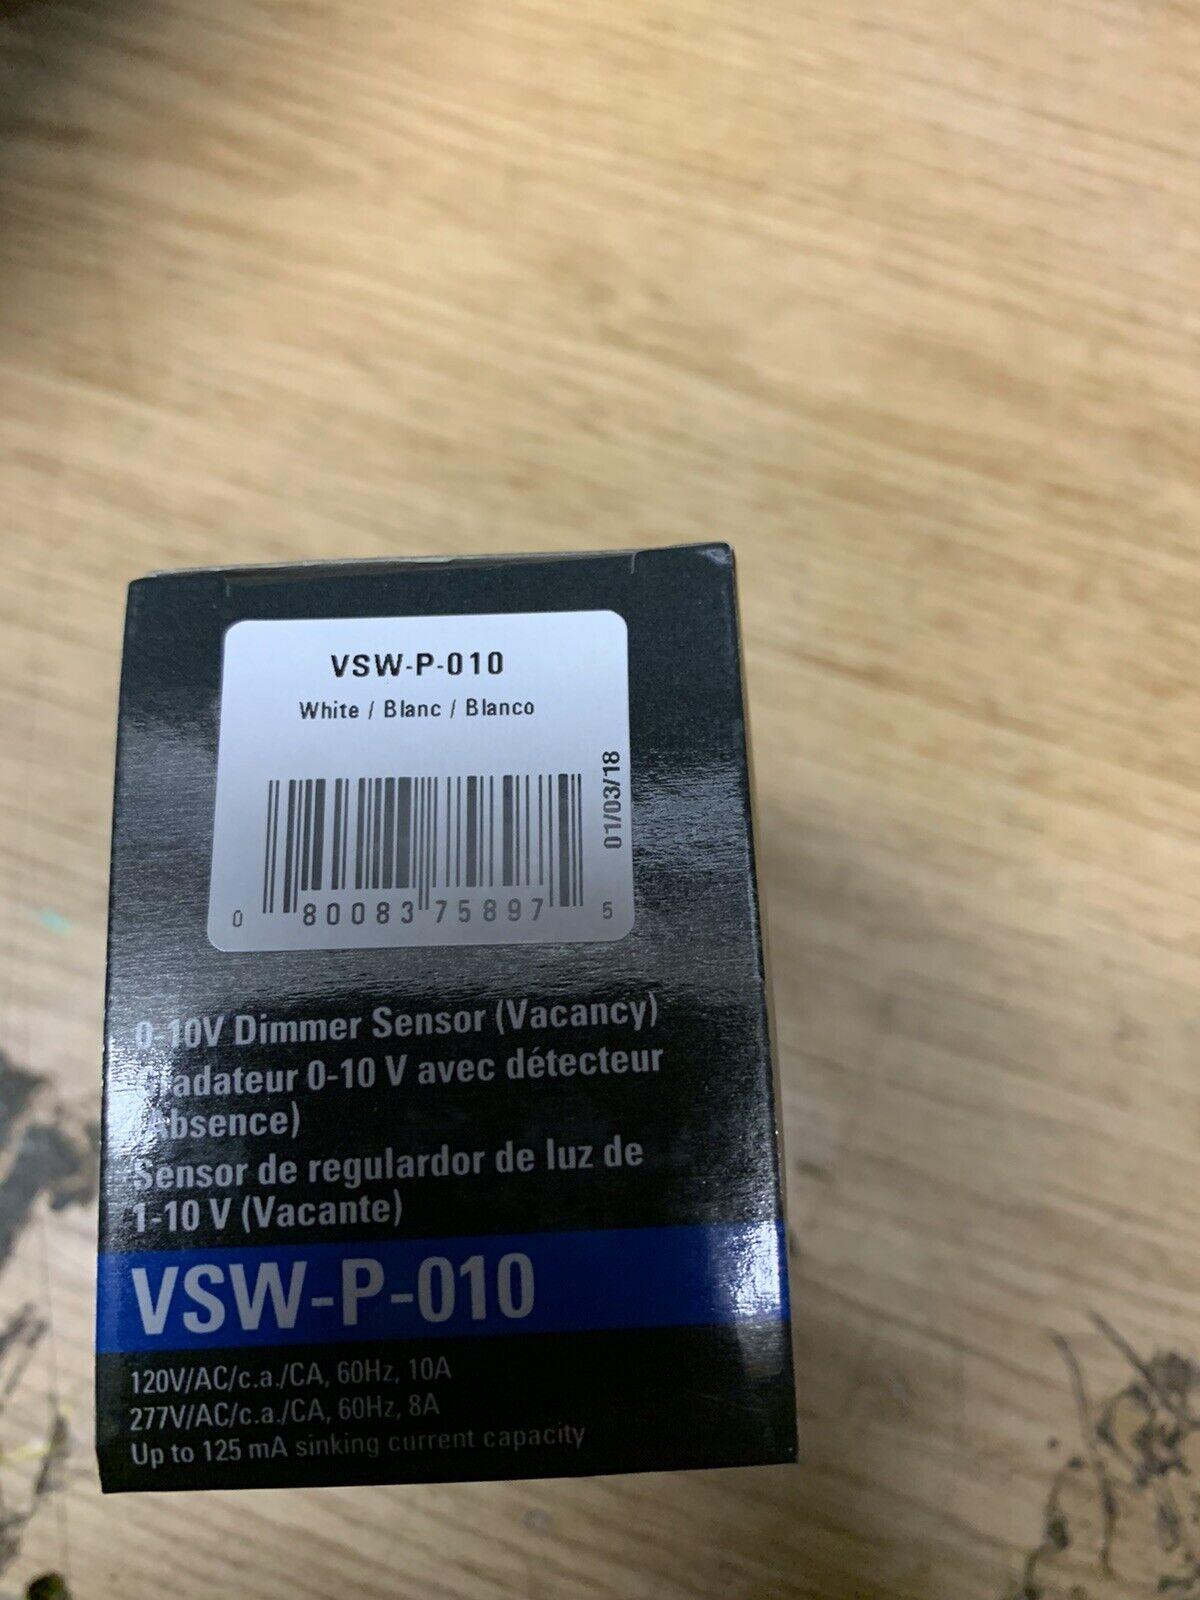 NEW Eaton 0-10V Light Vacancy Sensor Dimmer Passive Infrared VSW-P-010